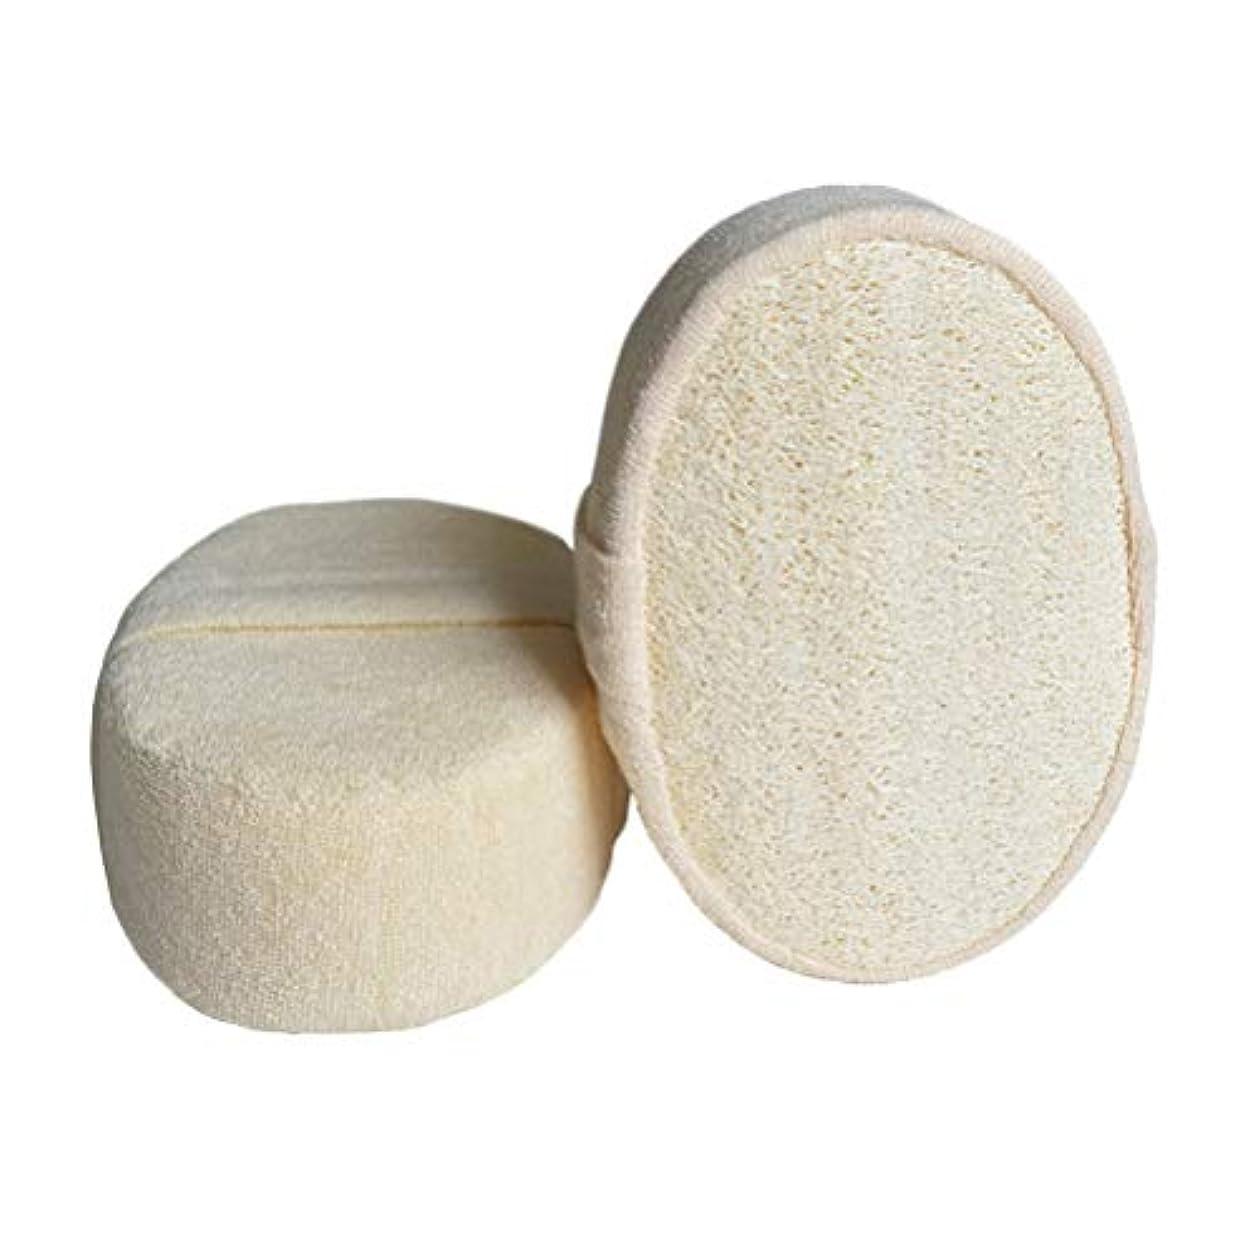 つぶすアンケートパトロンTOPBATHY 2ピース角質除去loofahパッドloofaスポンジスクラバーブラシ用風呂スパとシャワー